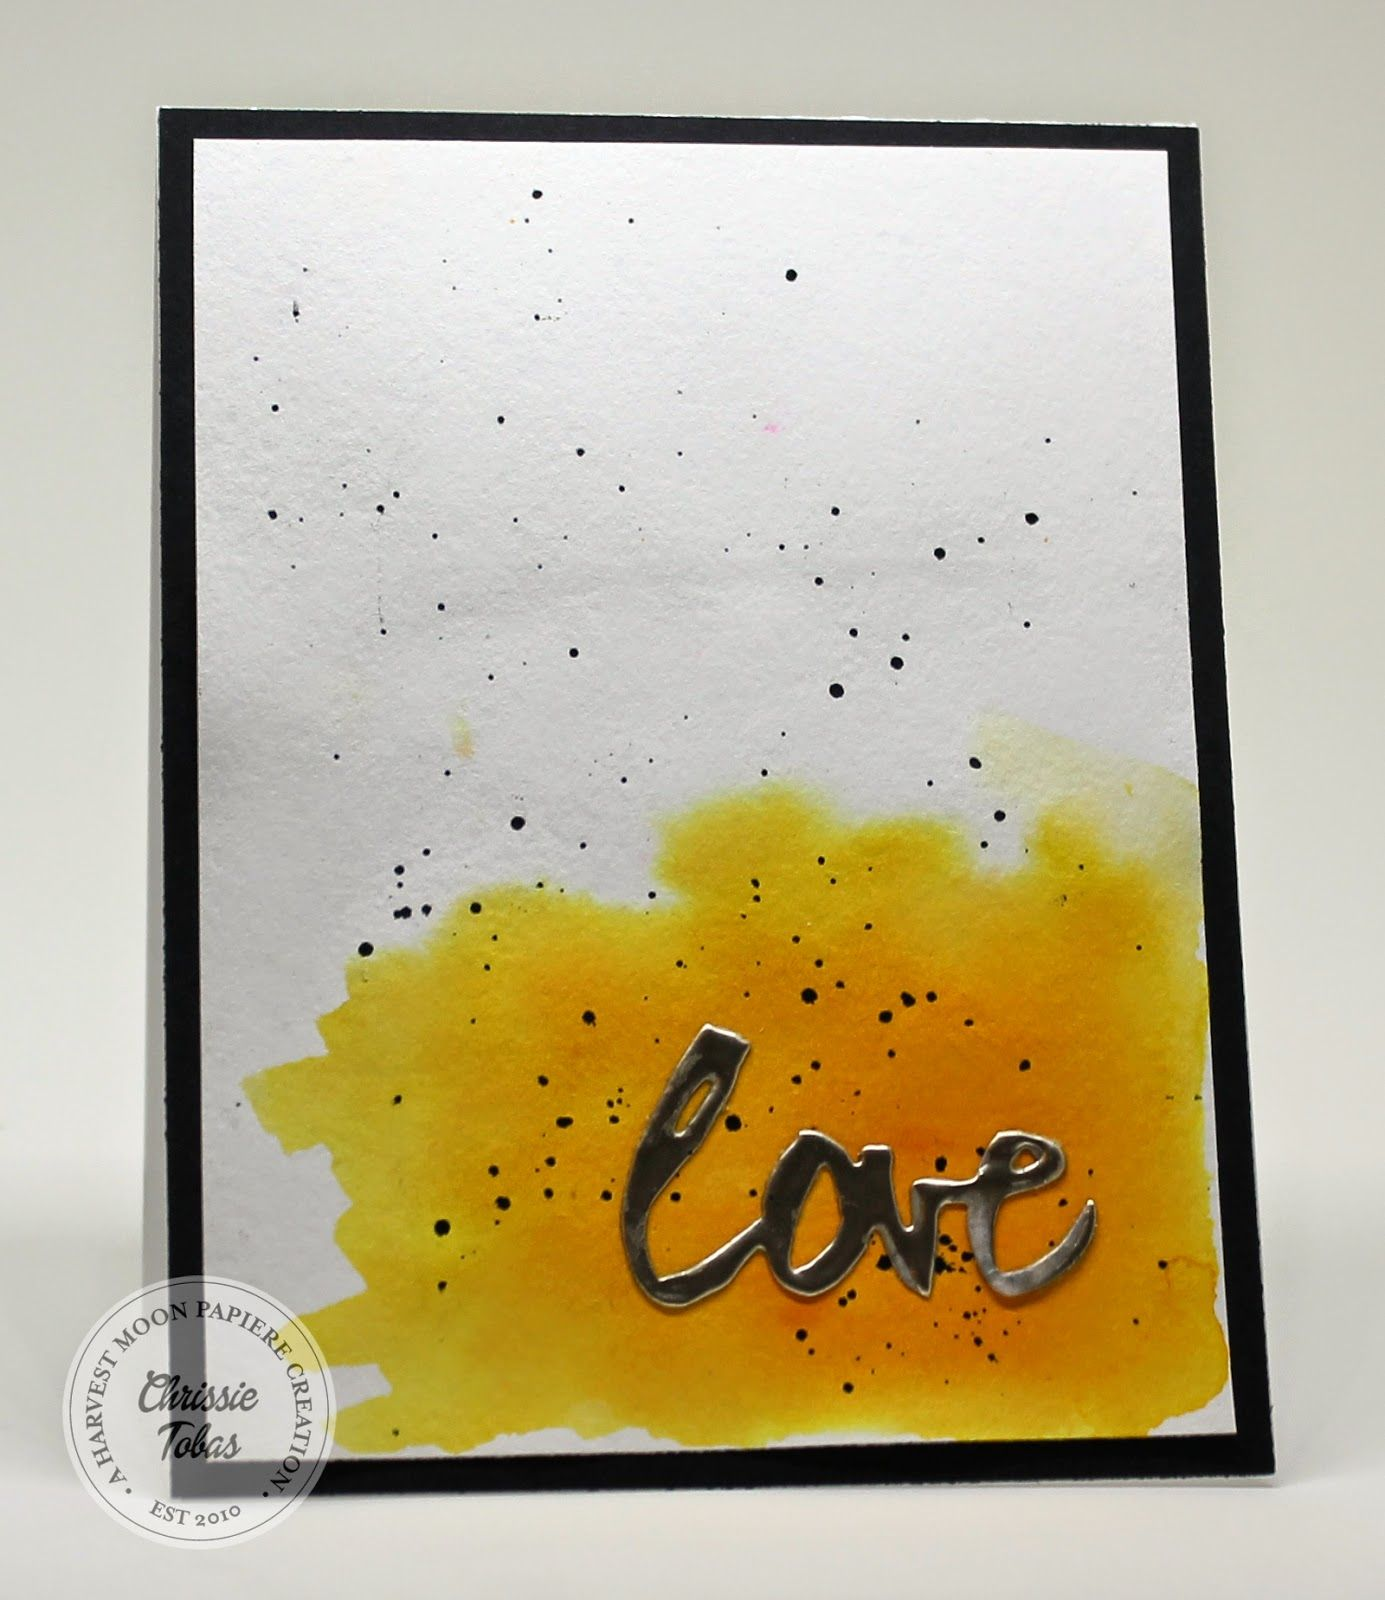 Harvest Moon Papiere: Love Sparkle Card! @ellenhutsonllc